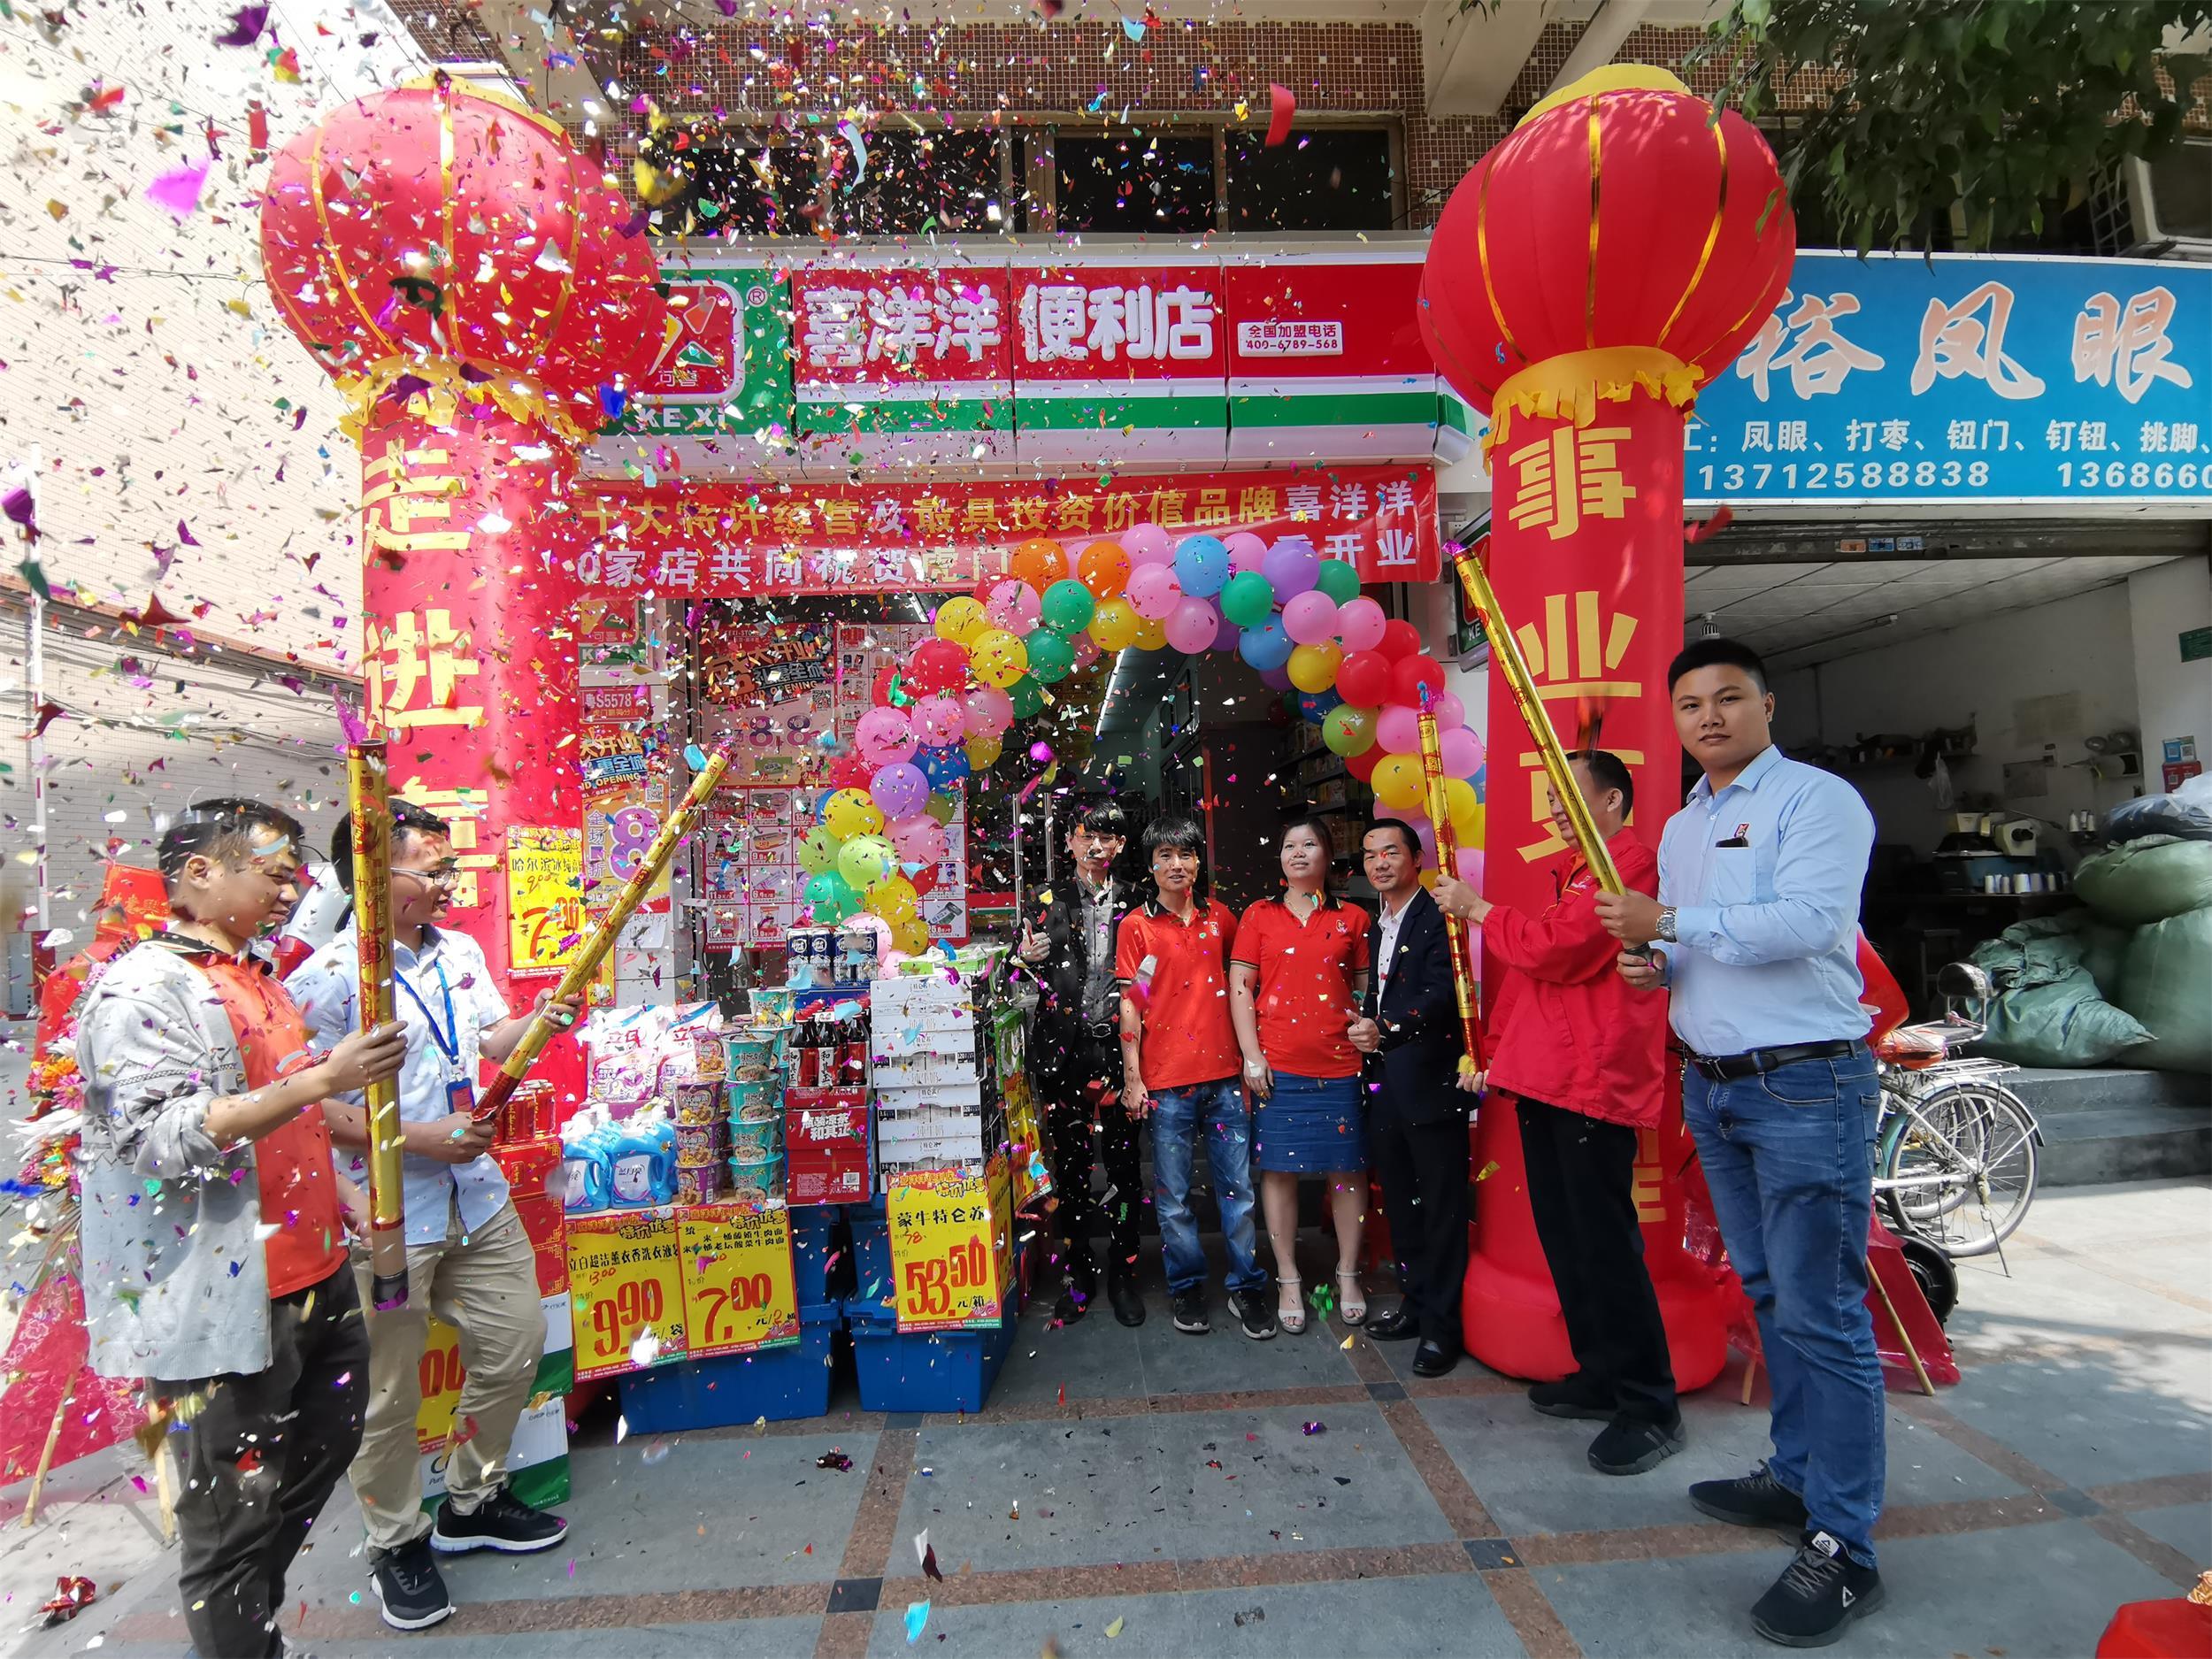 热烈祝贺喜洋洋4月2日又迎来新店开业:虎门鹏英分店